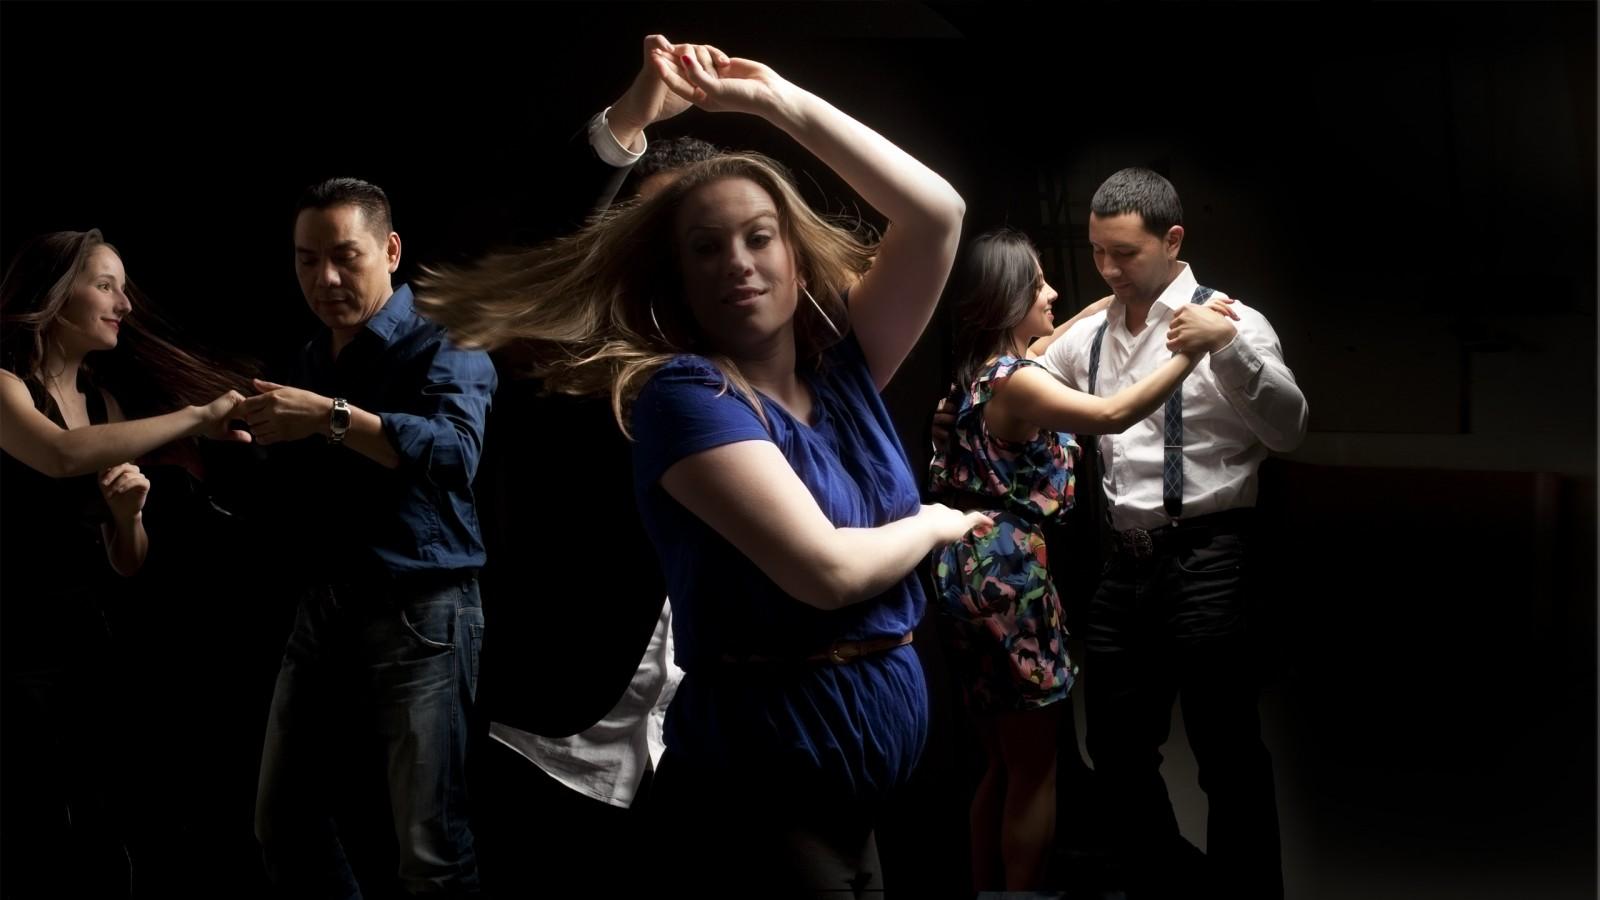 salsa dance hd wallpaper